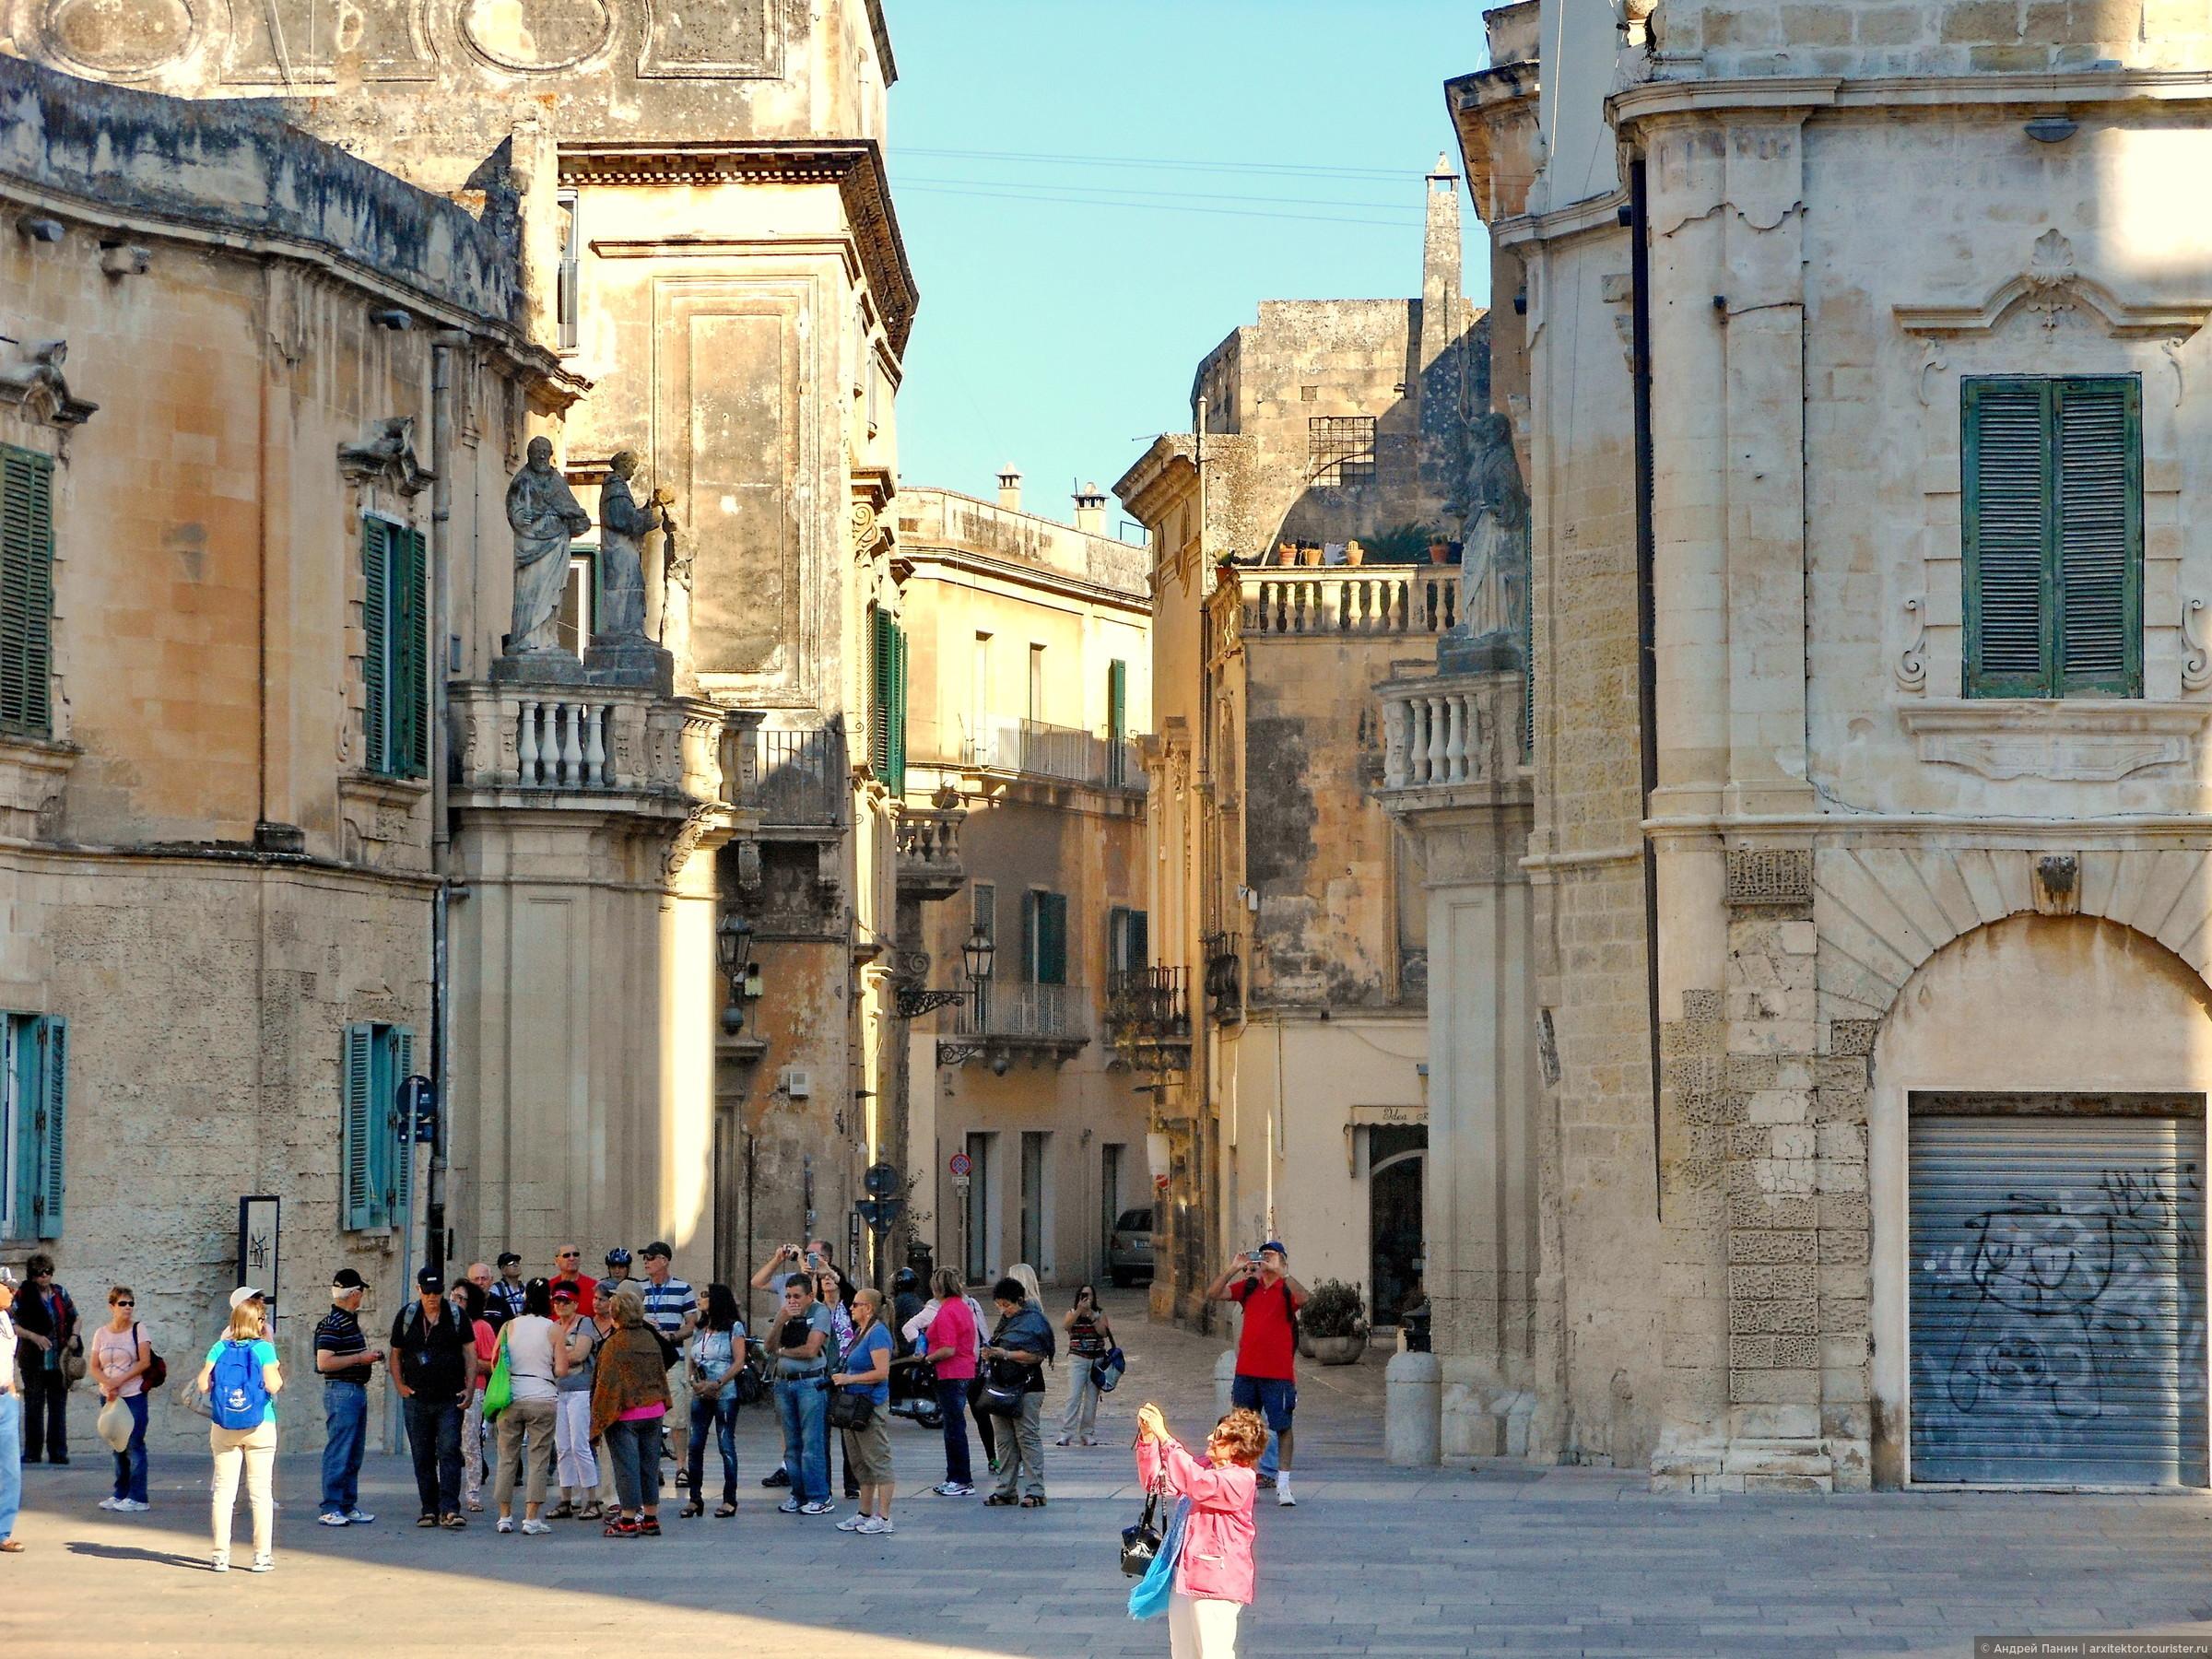 впечатление, что италия город лече фото пазл состоит неповторимых